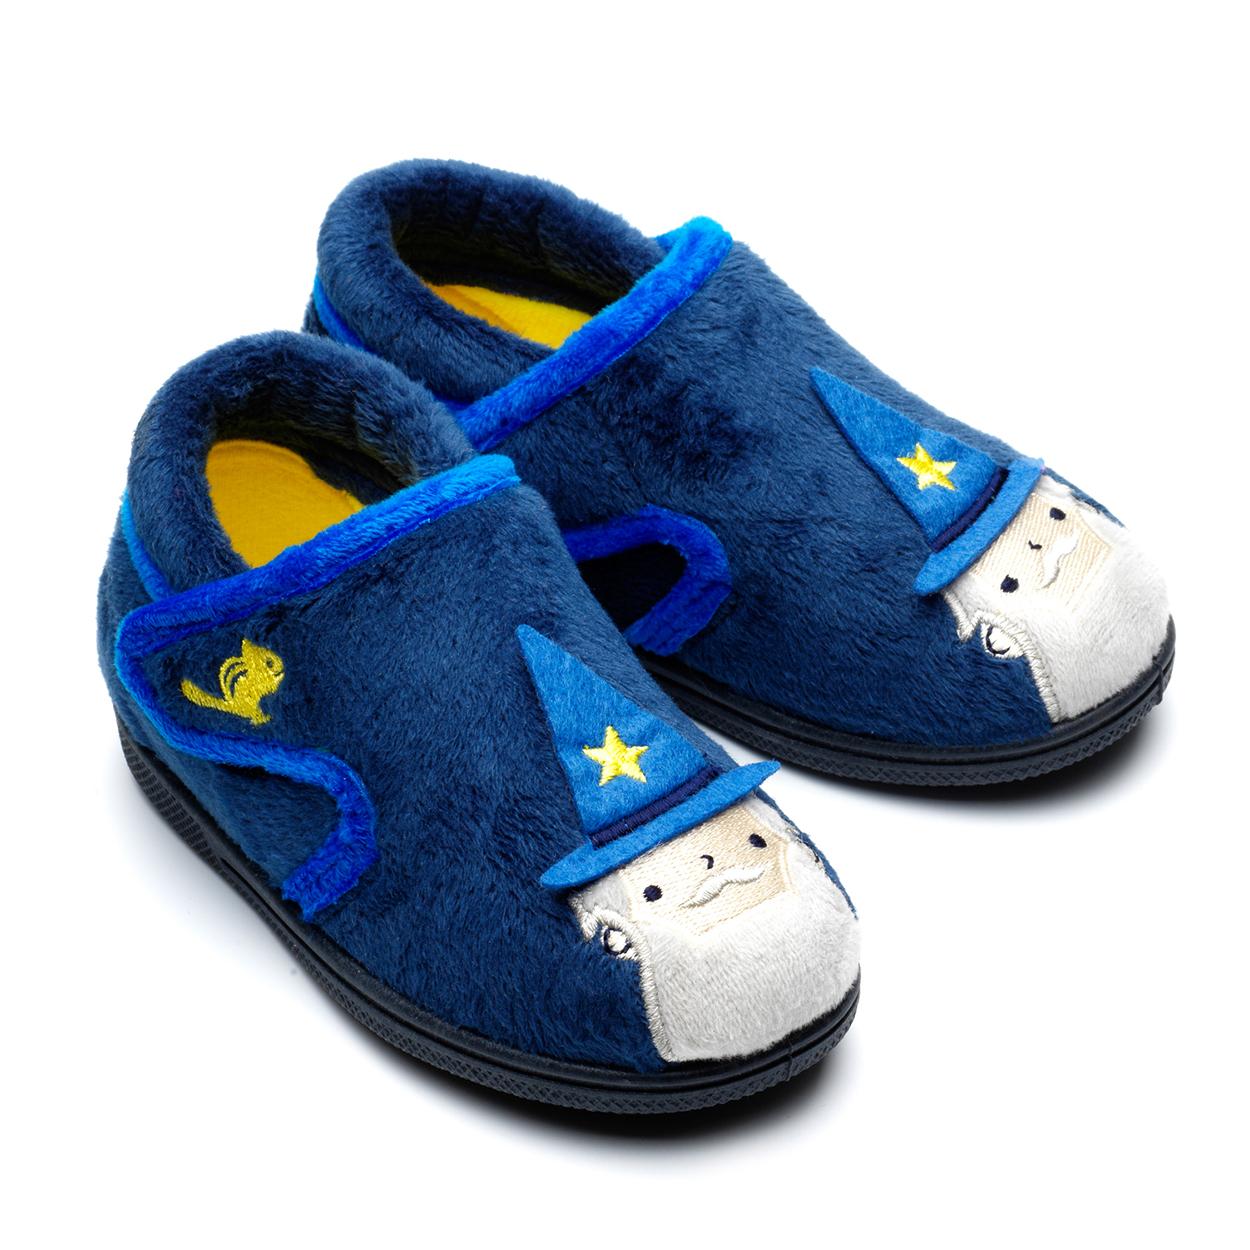 Chipmunks Abracadabra Wizard Navy Slippers